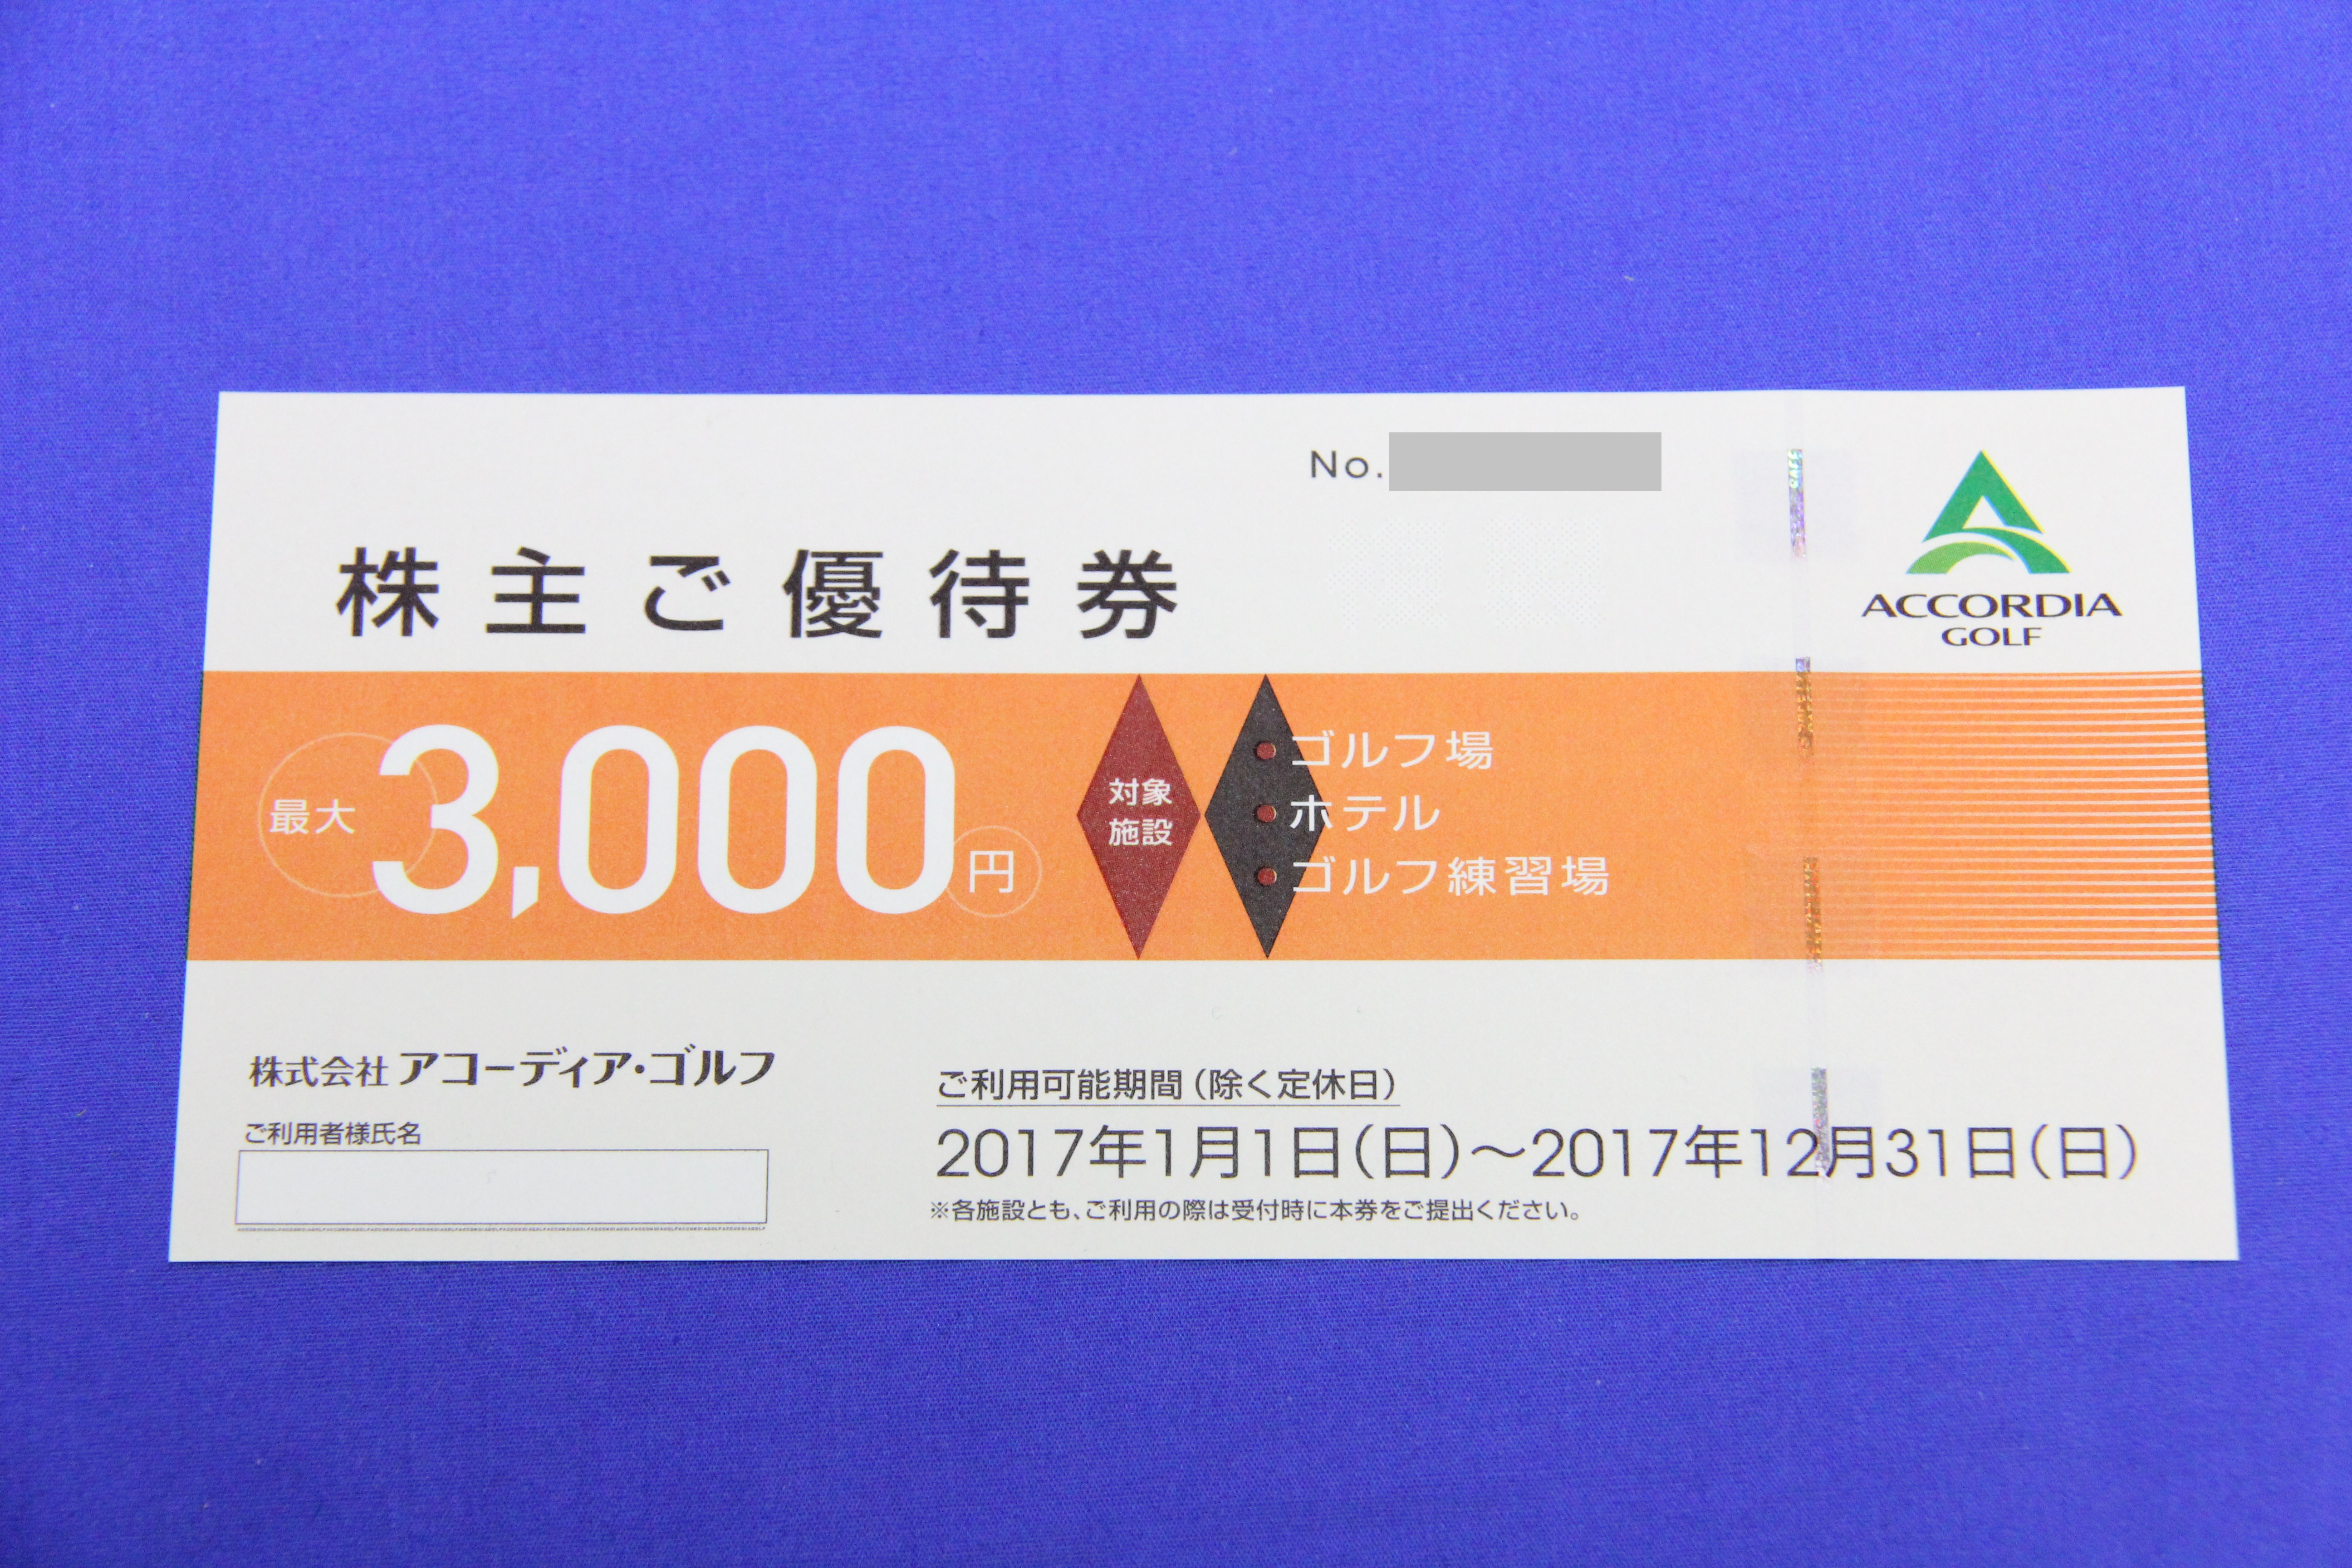 アコーディア・ゴルフ 株主優待